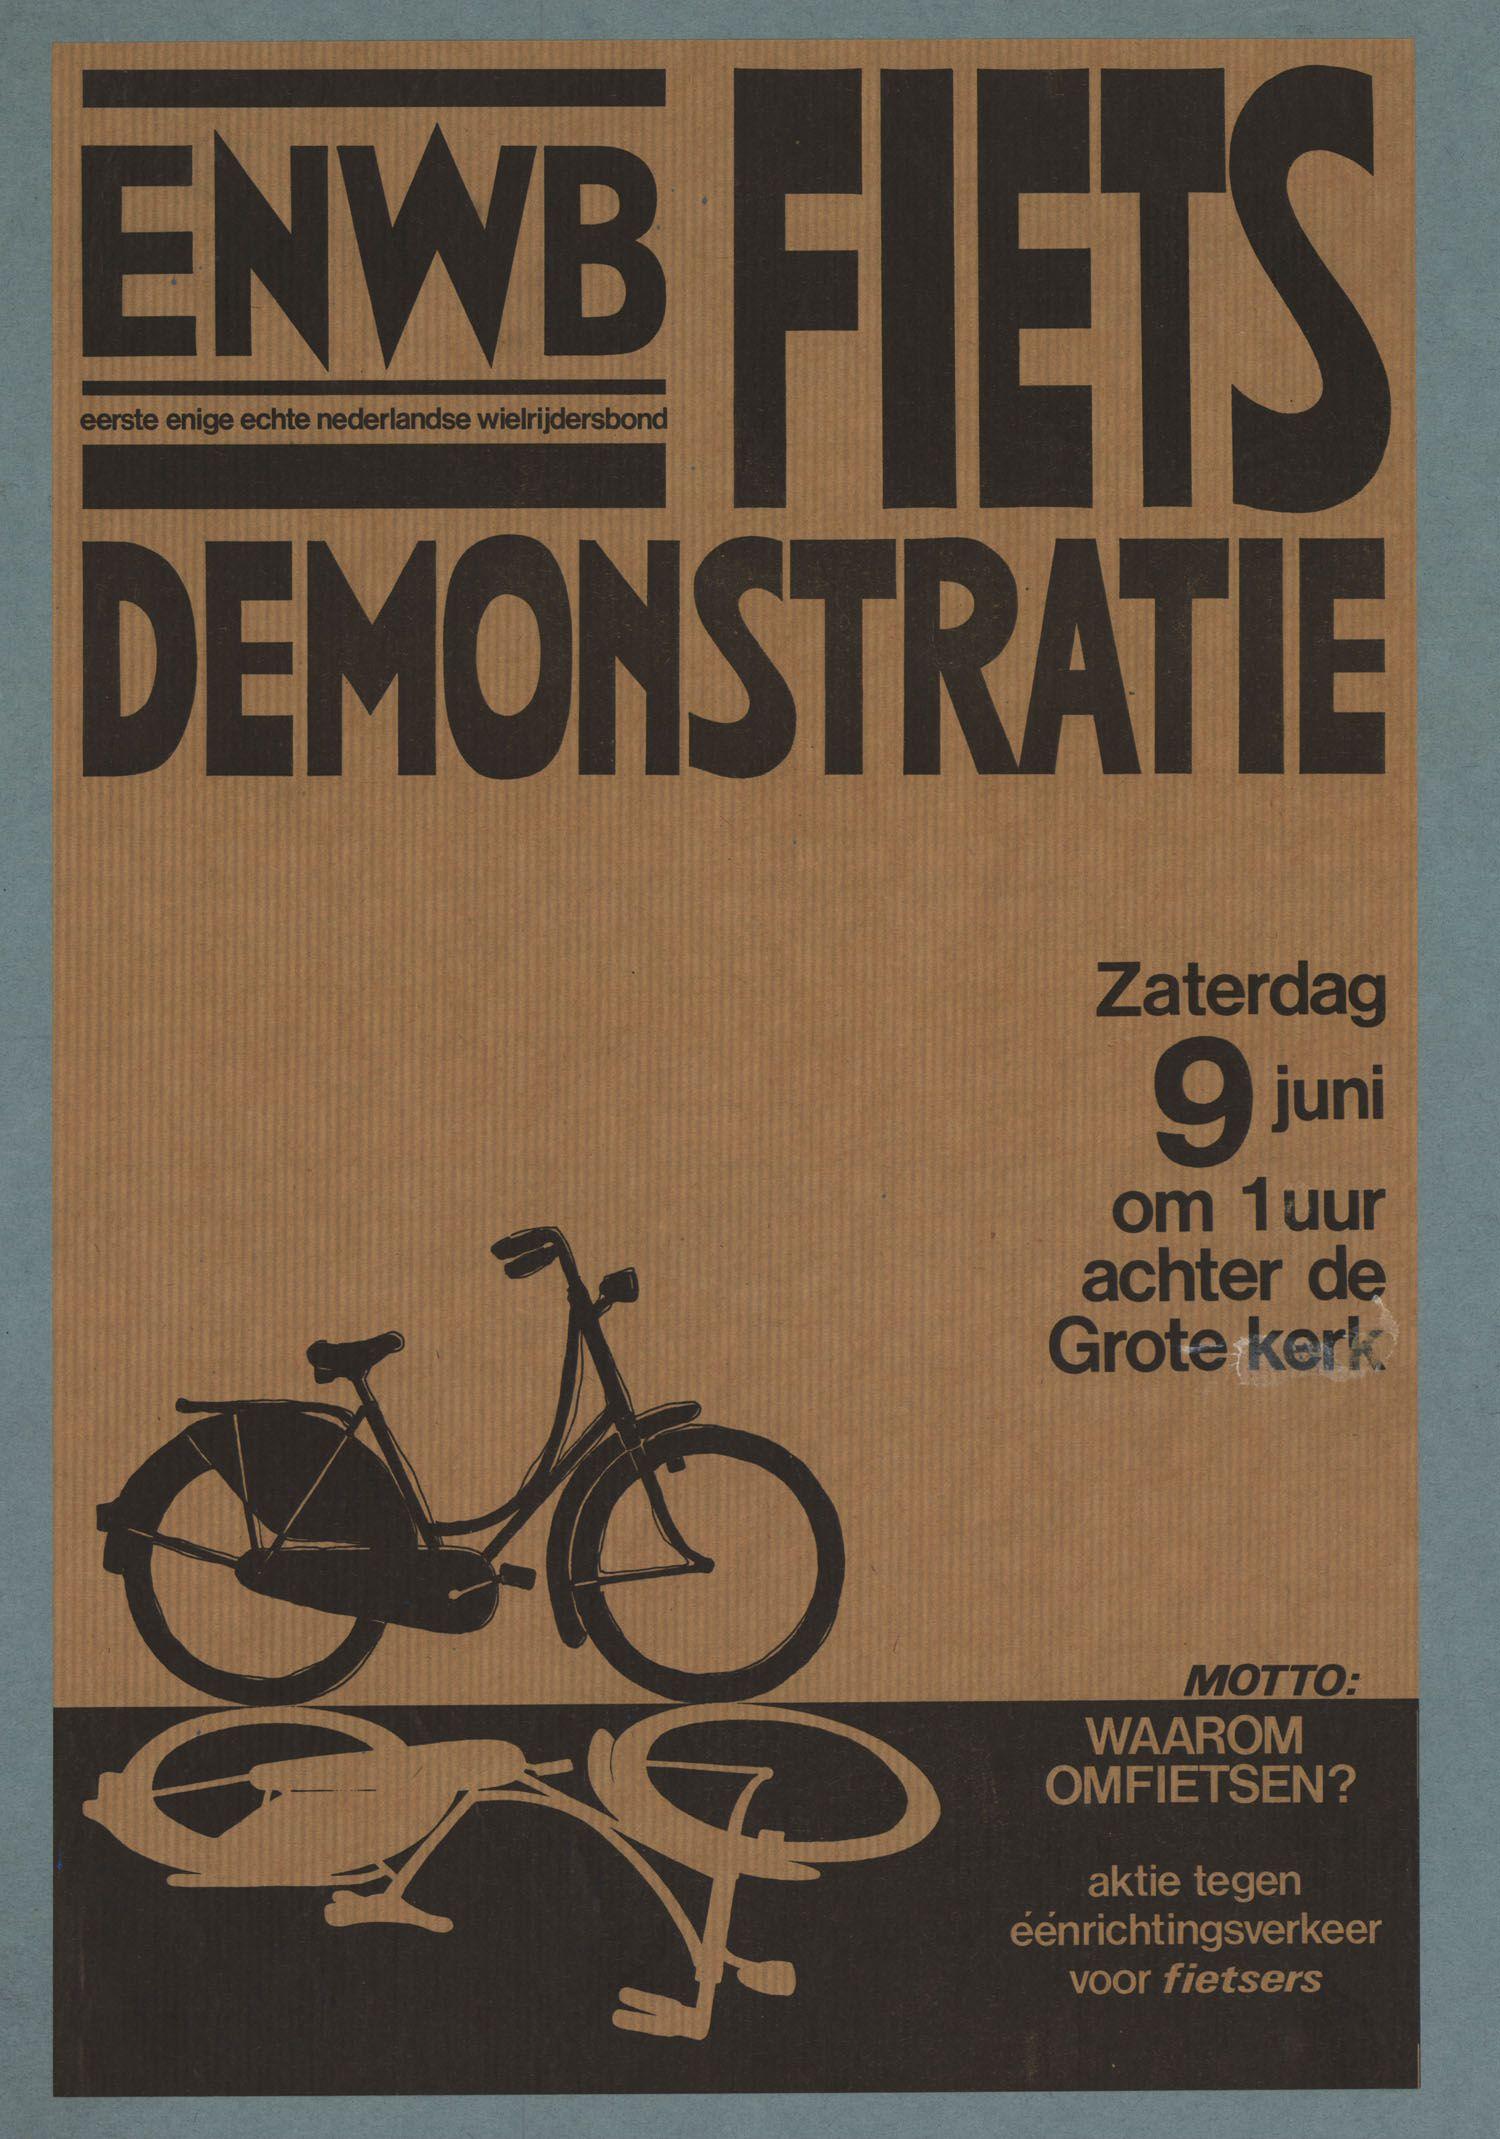 Fietsdemonstratie Tegen Eenrichtingsverkeer Voor Fietsers Oude Reclame Poster Advertenties